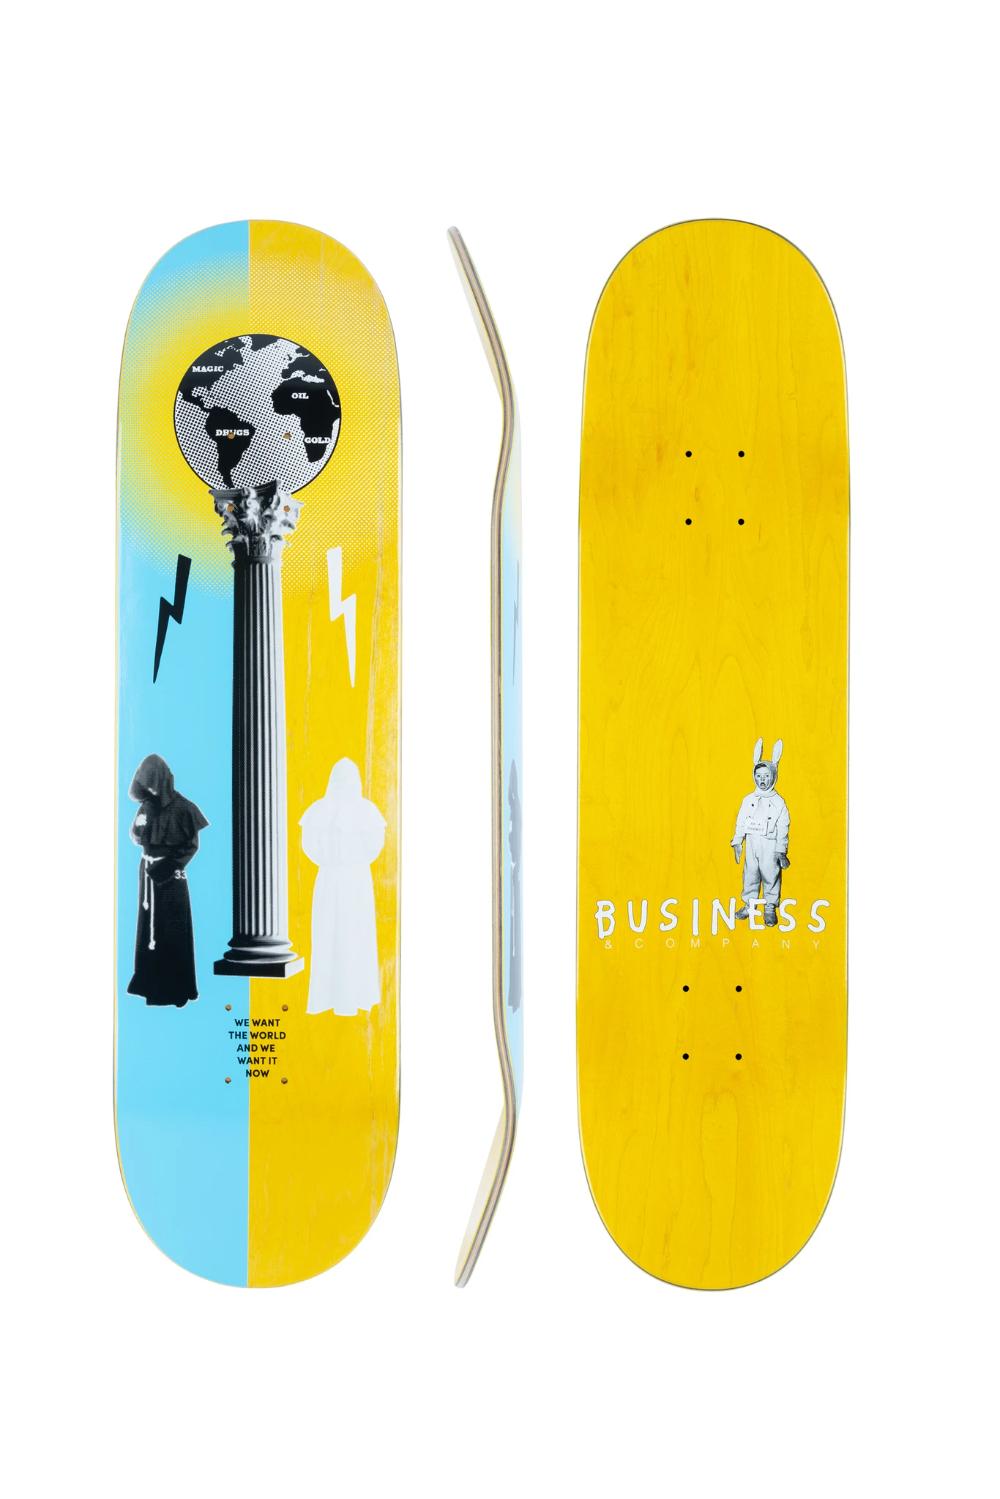 Pillar 2 Business Company In 2020 Business Company Pillars Skateboard